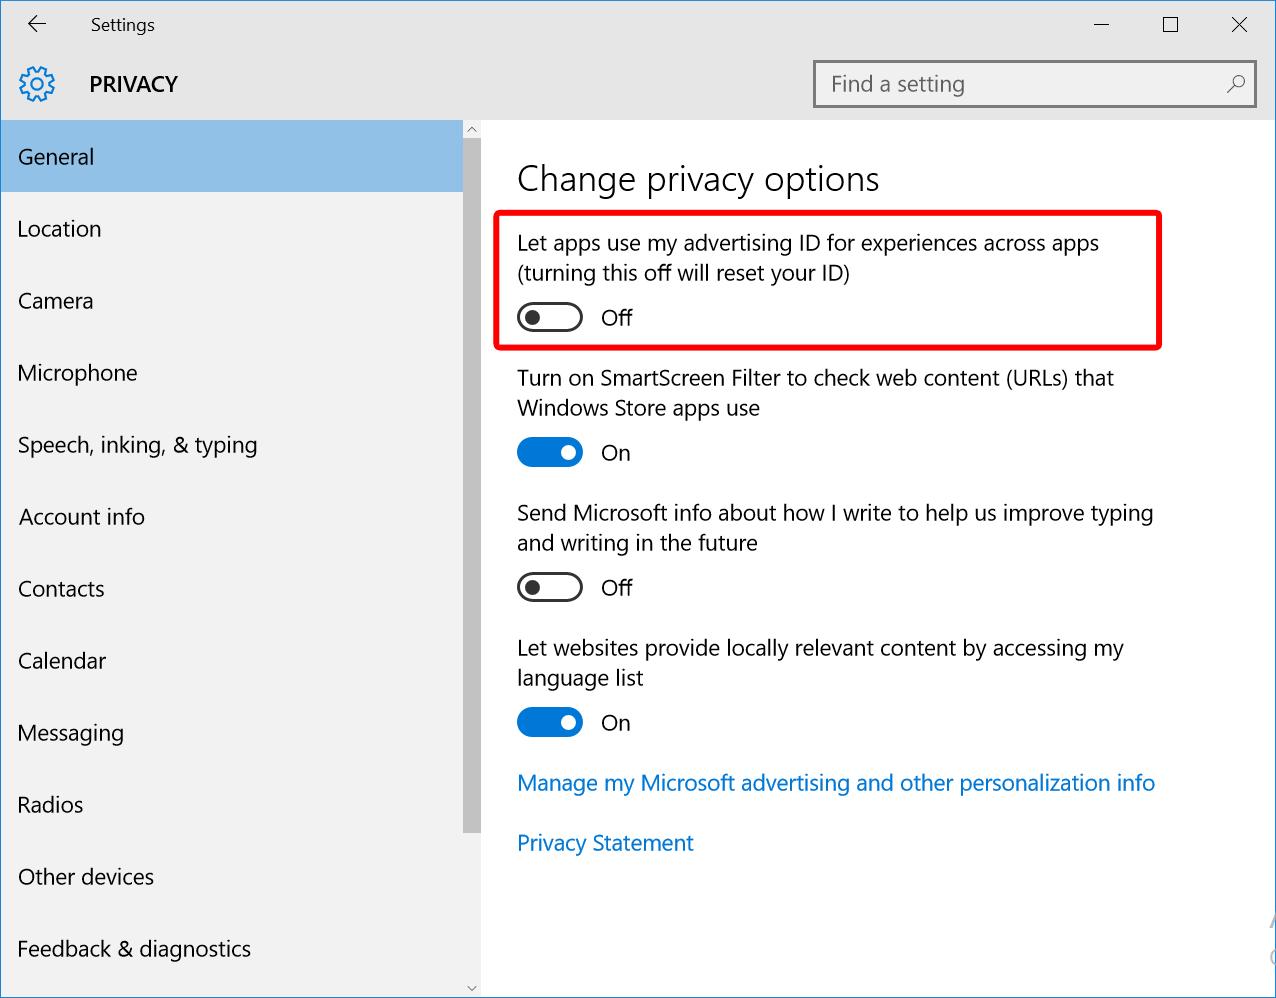 02-privacy-settings-en